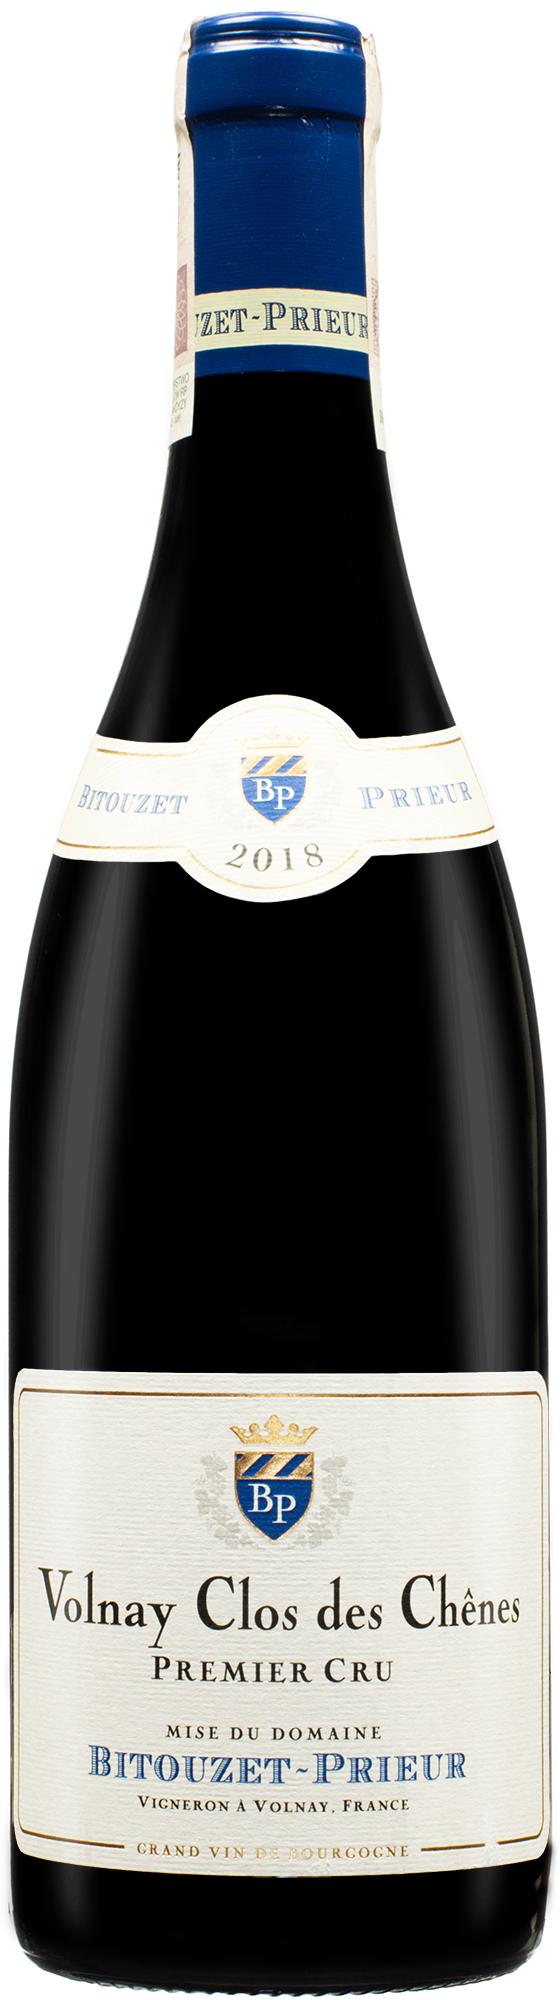 wino francuskie marek kondrat francja wino burgund volnay